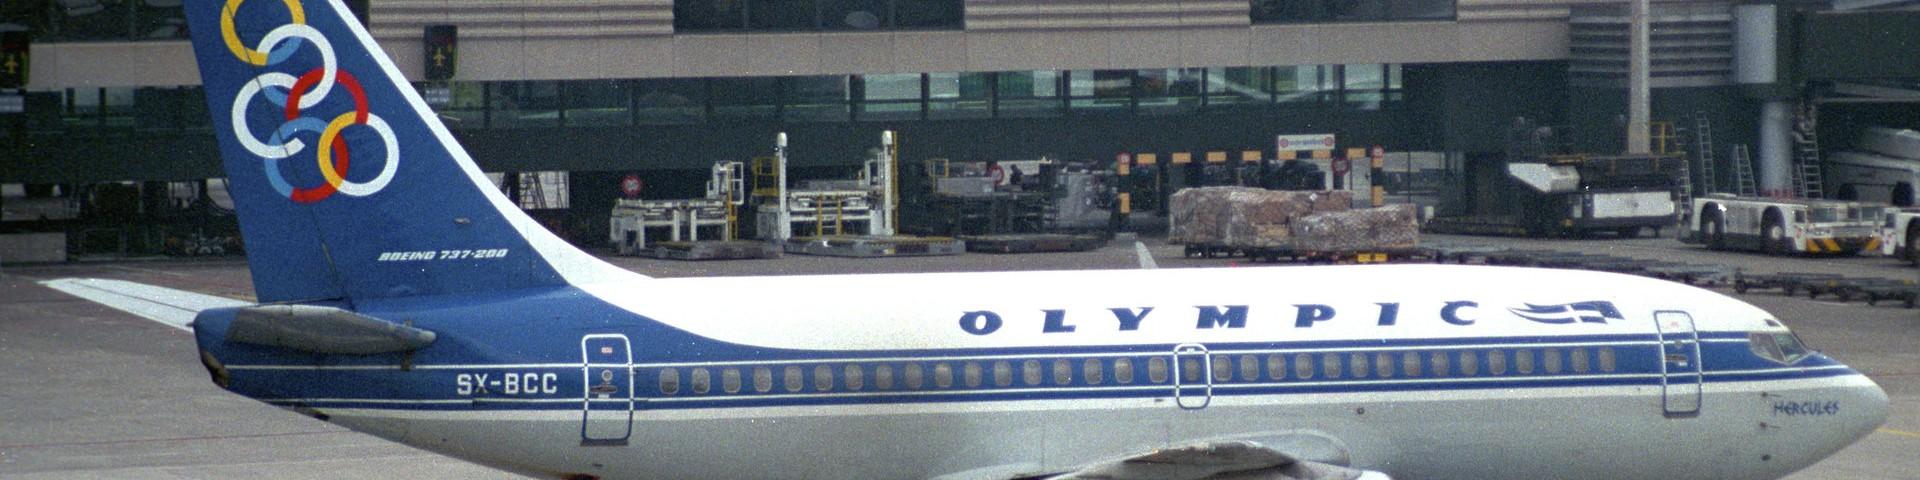 Boeing 737 Olympic Airways